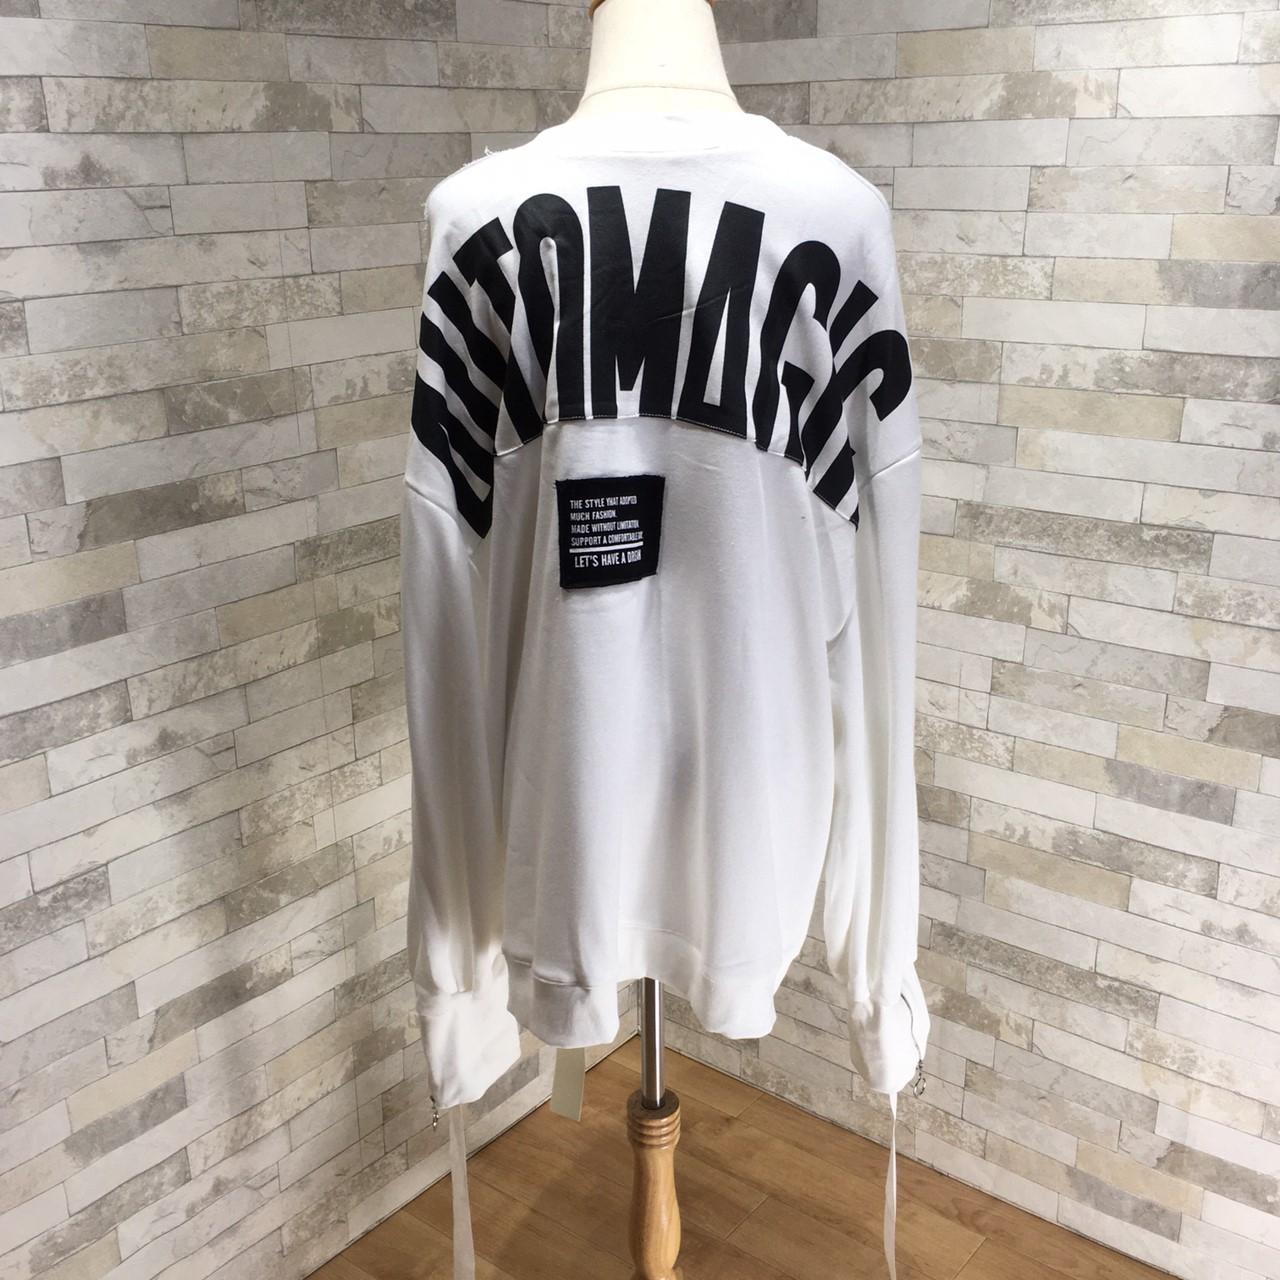 韓国 ファッション トップス スウェット トレーナー 秋 冬 カジュアル PTXG315  ビッグシルエット ダメージ ストリート オルチャン シンプル 定番 セレカジの写真17枚目